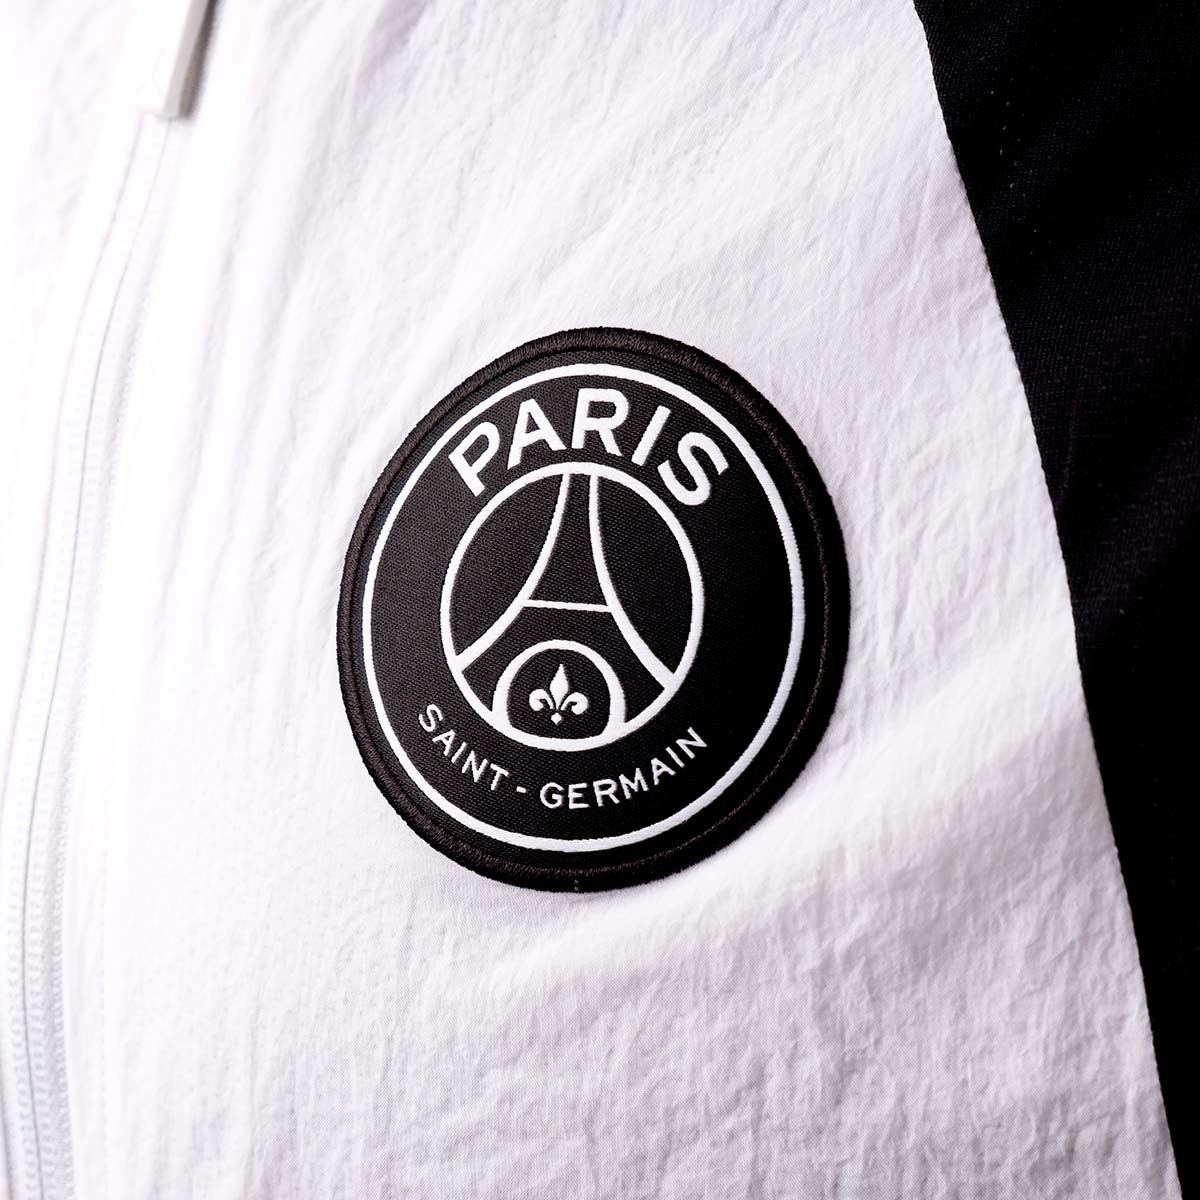 d72e2d9aa Jacket Nike Jordan x PSG AJ1 White-Black - Football store Fútbol Emotion